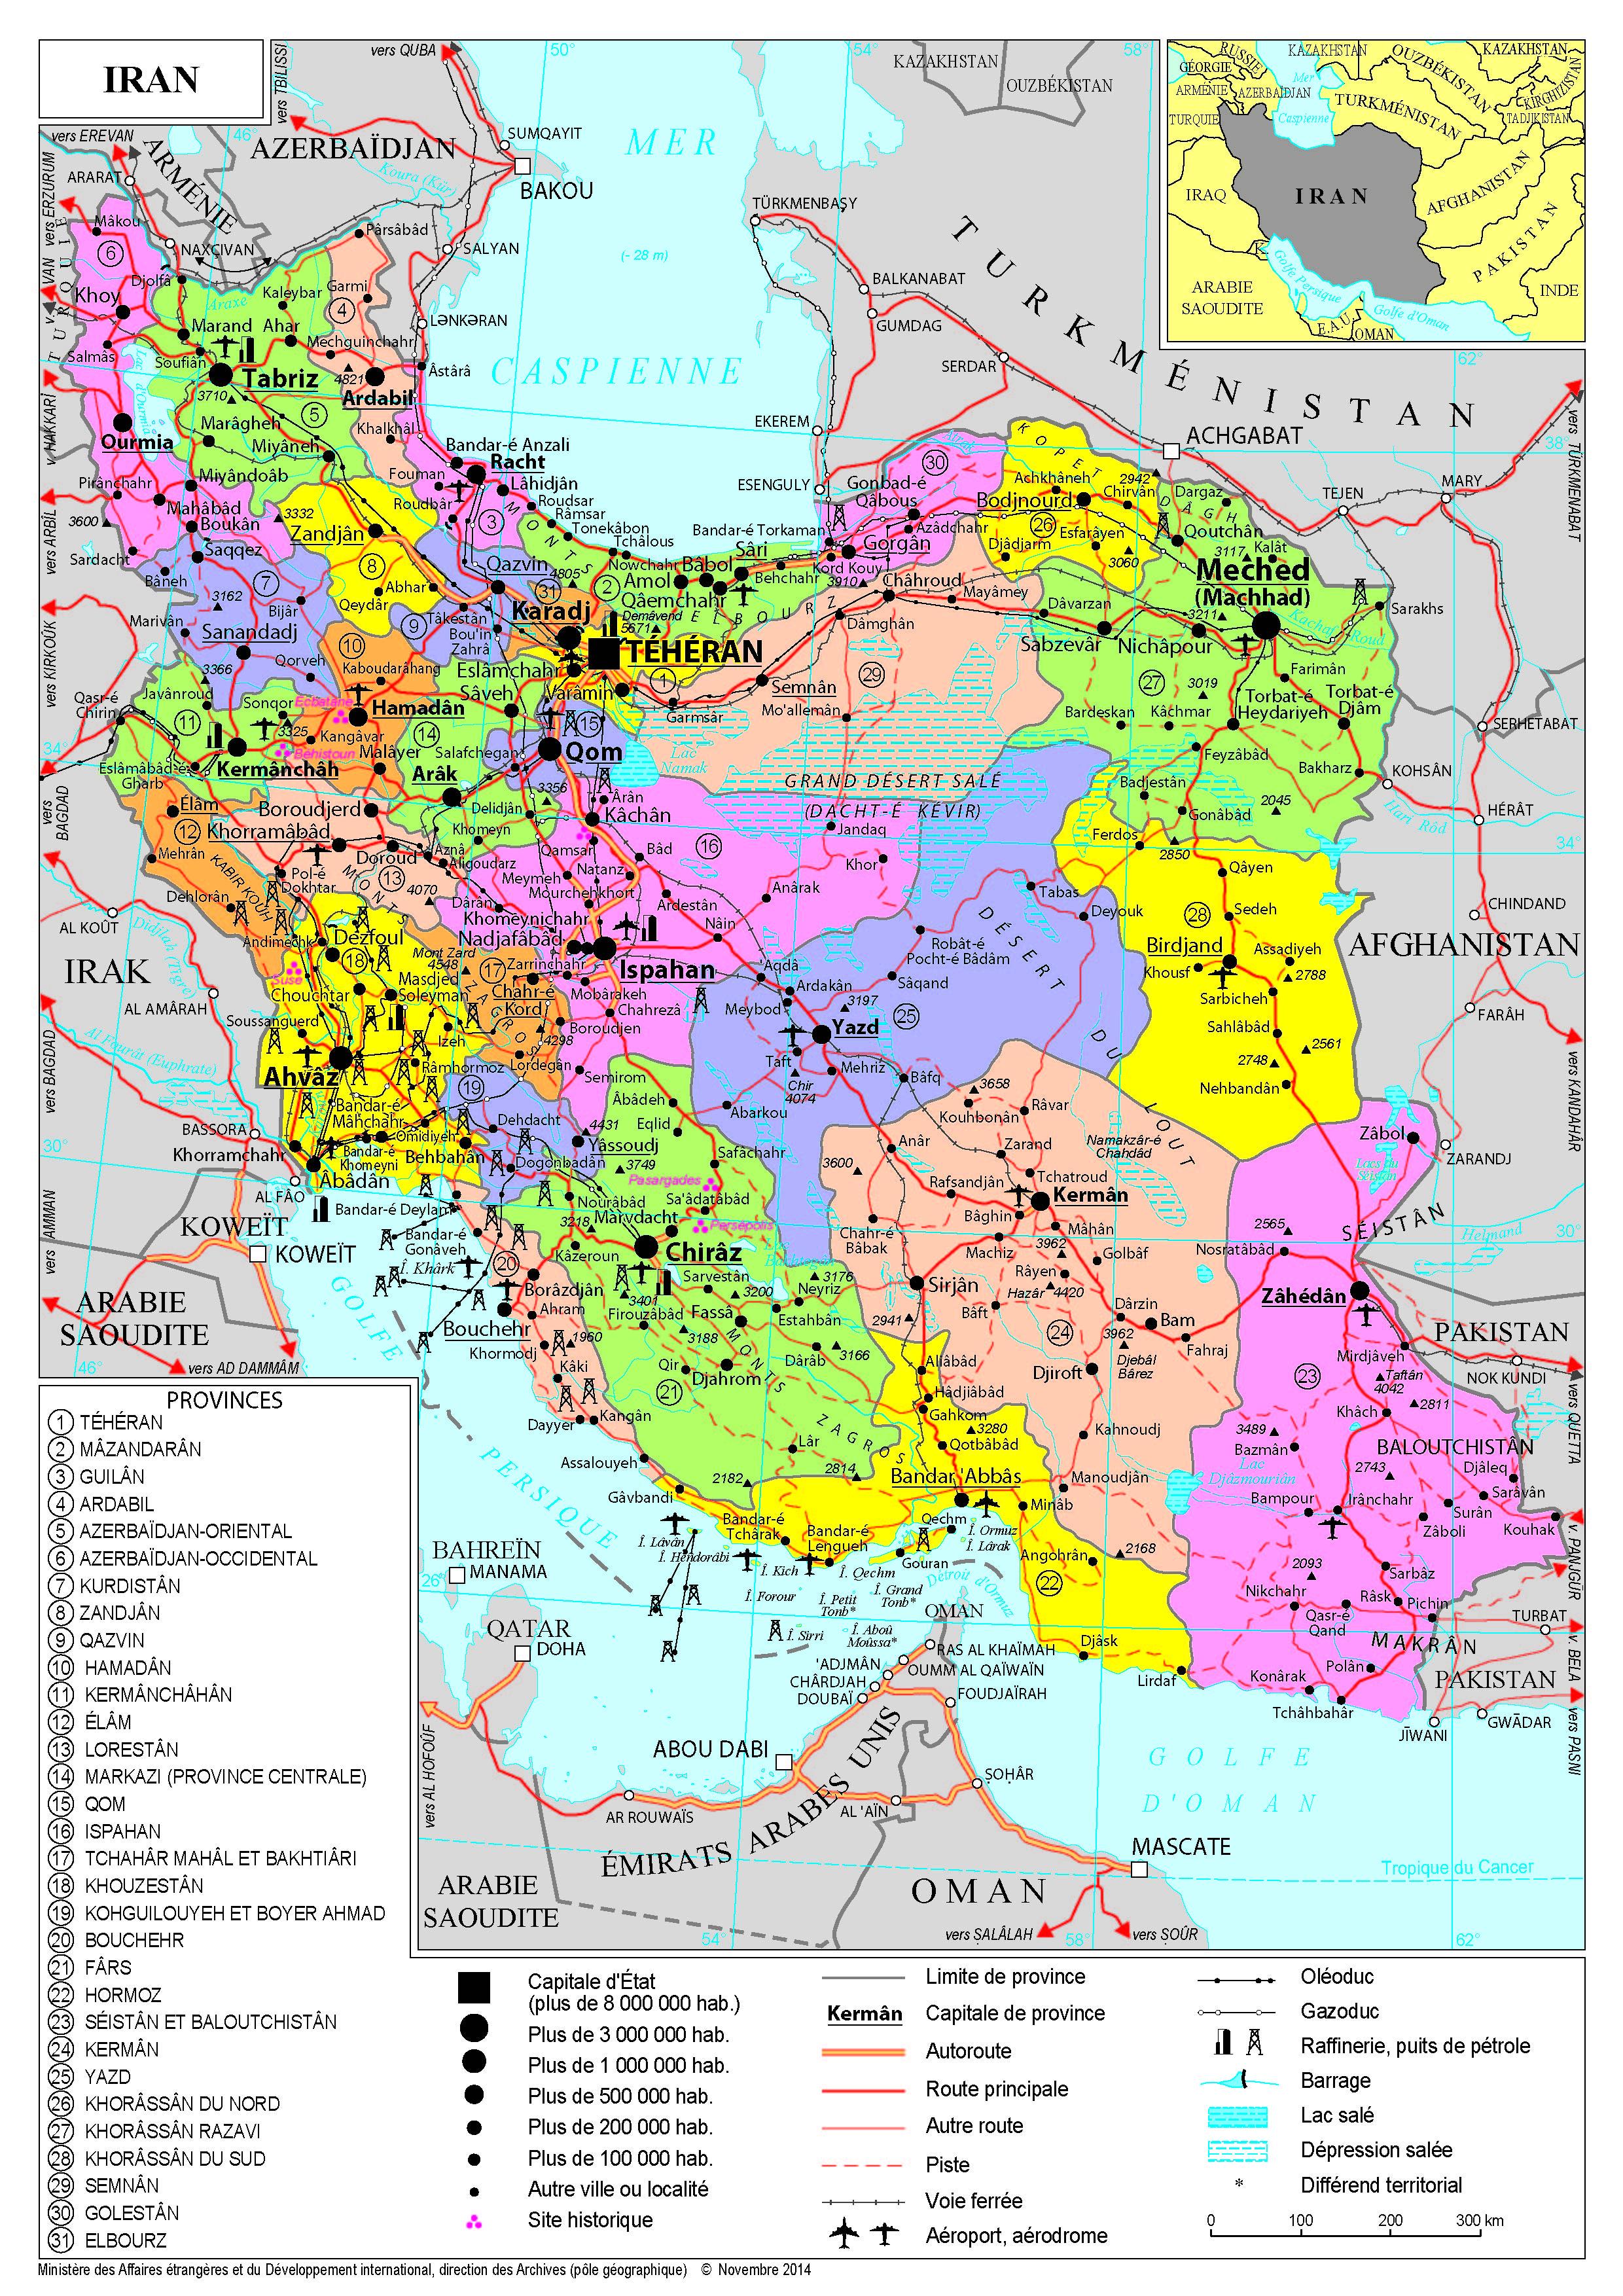 Présentation De L Application Zedge: Présentation De L'Iran